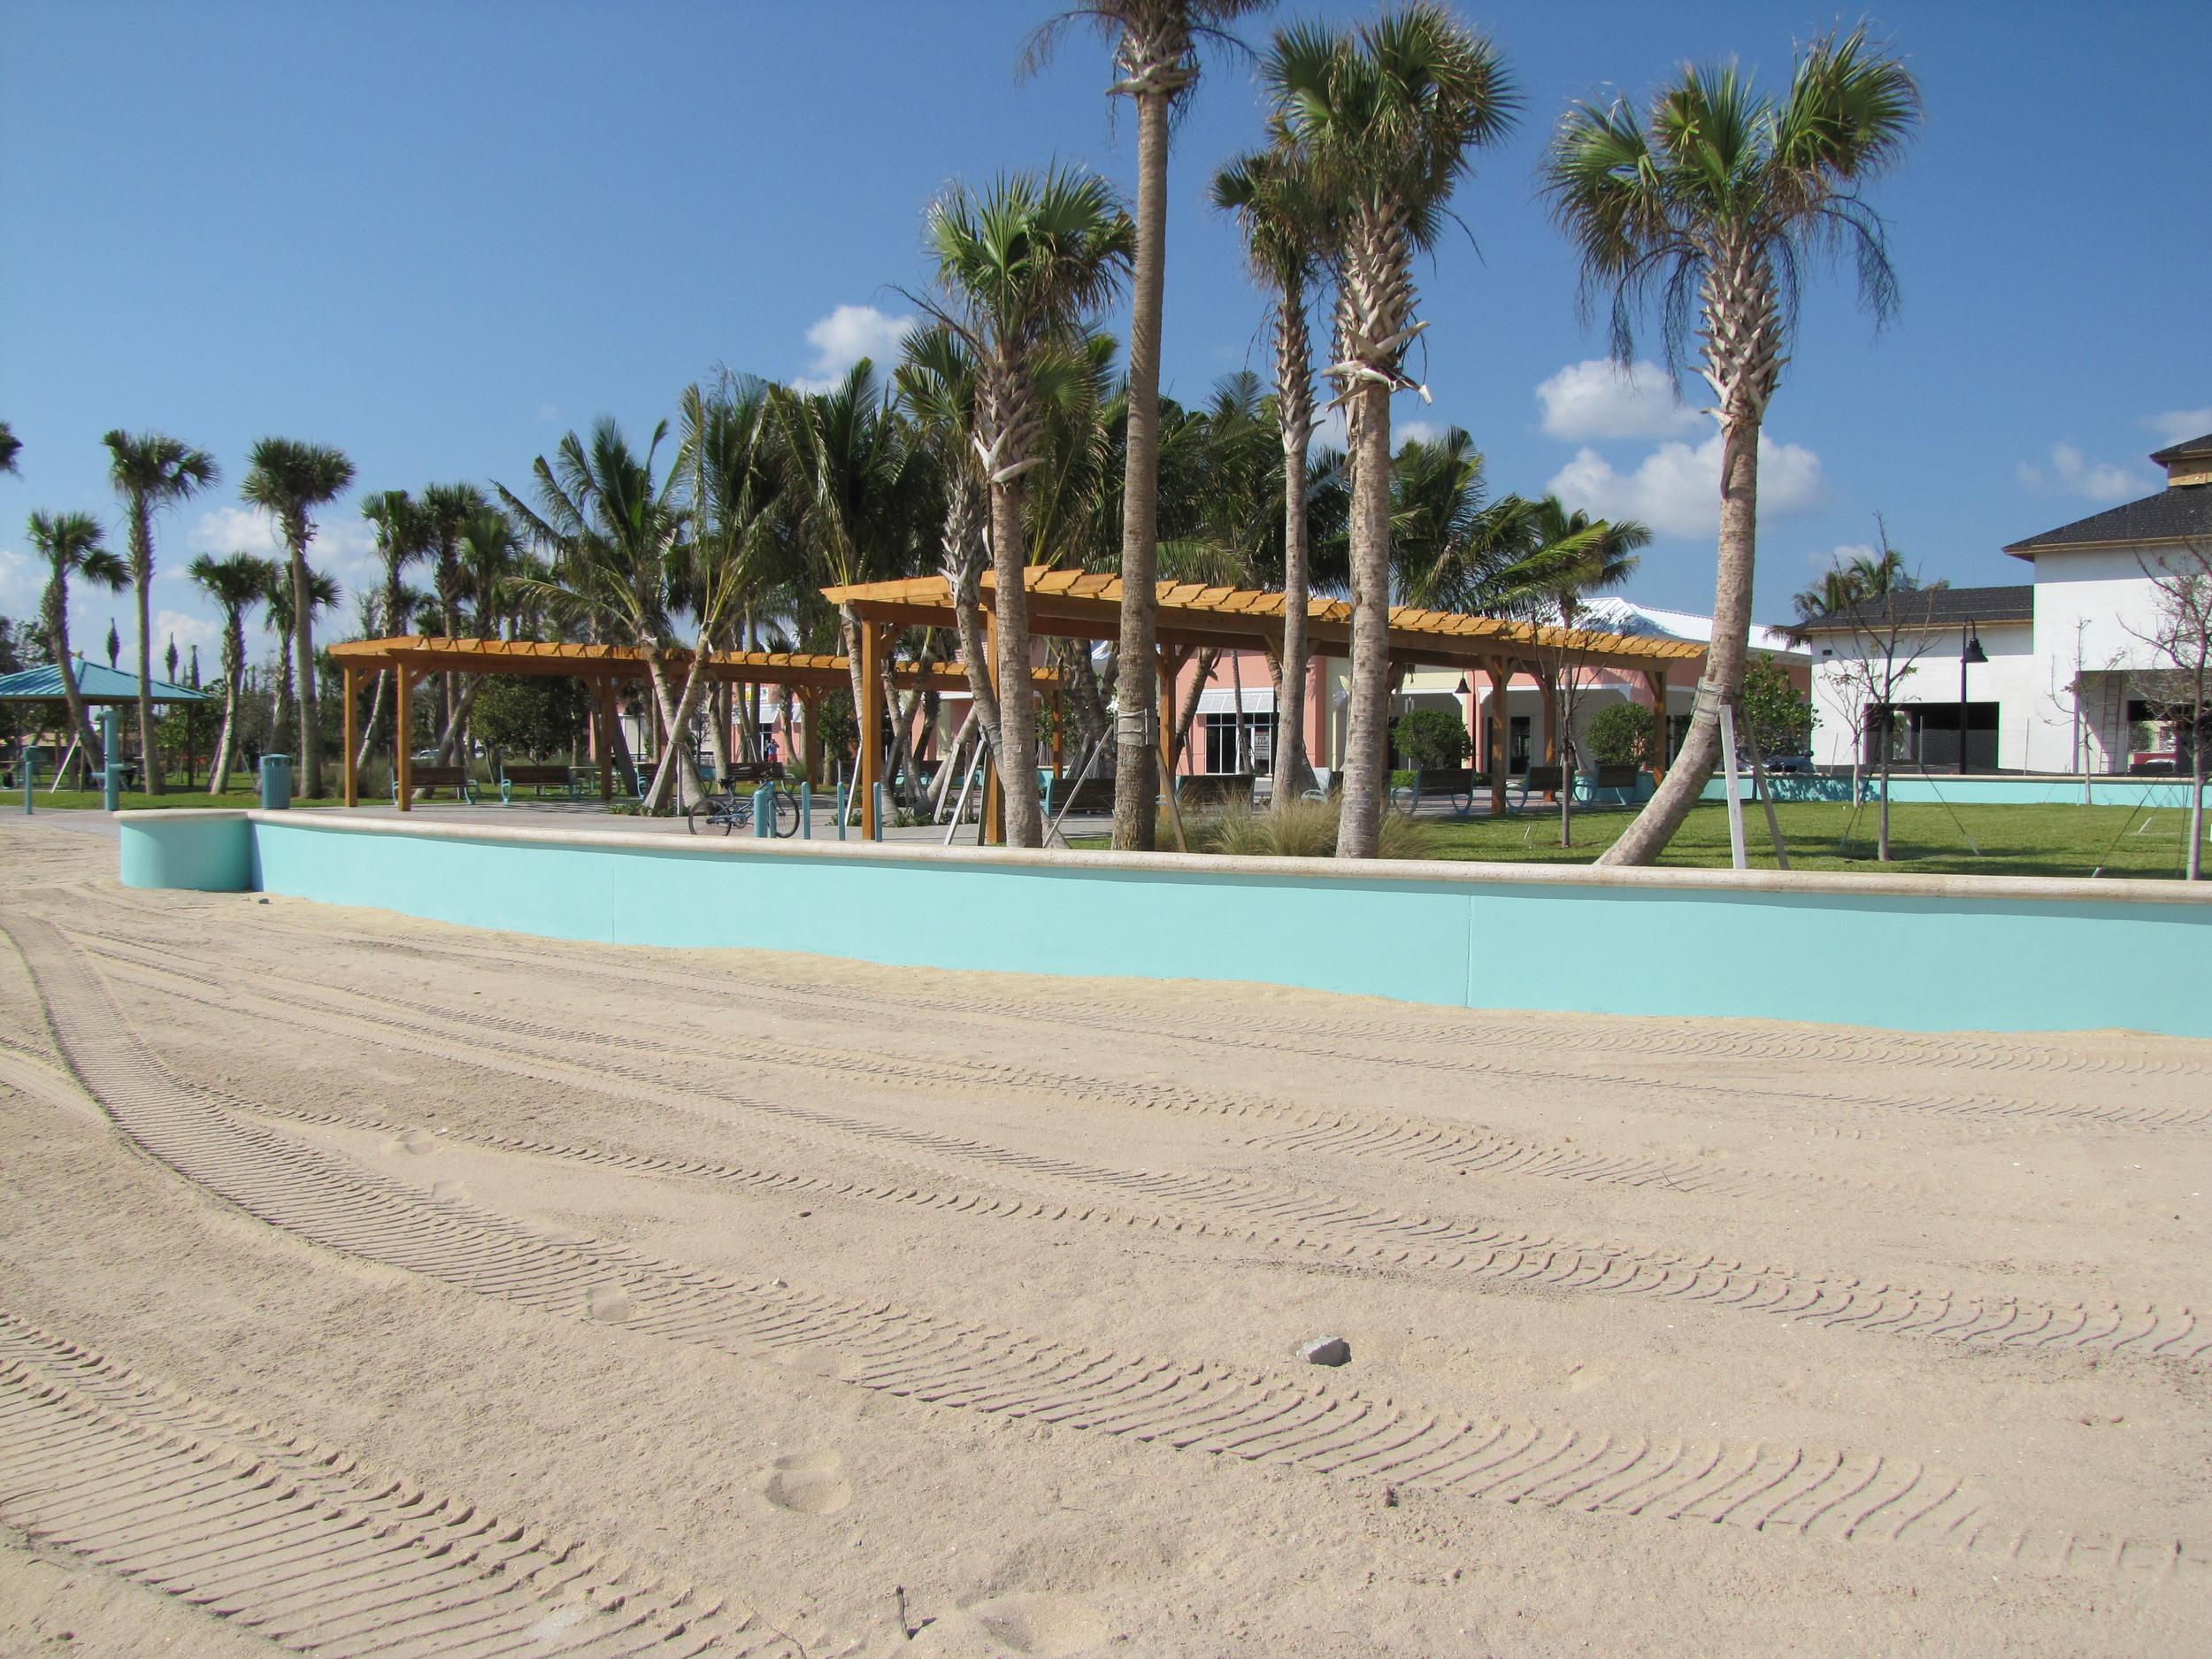 City of Riviera Beach Municipal Beach Park Ocean Mall Sabal Palms Trellis.jpg